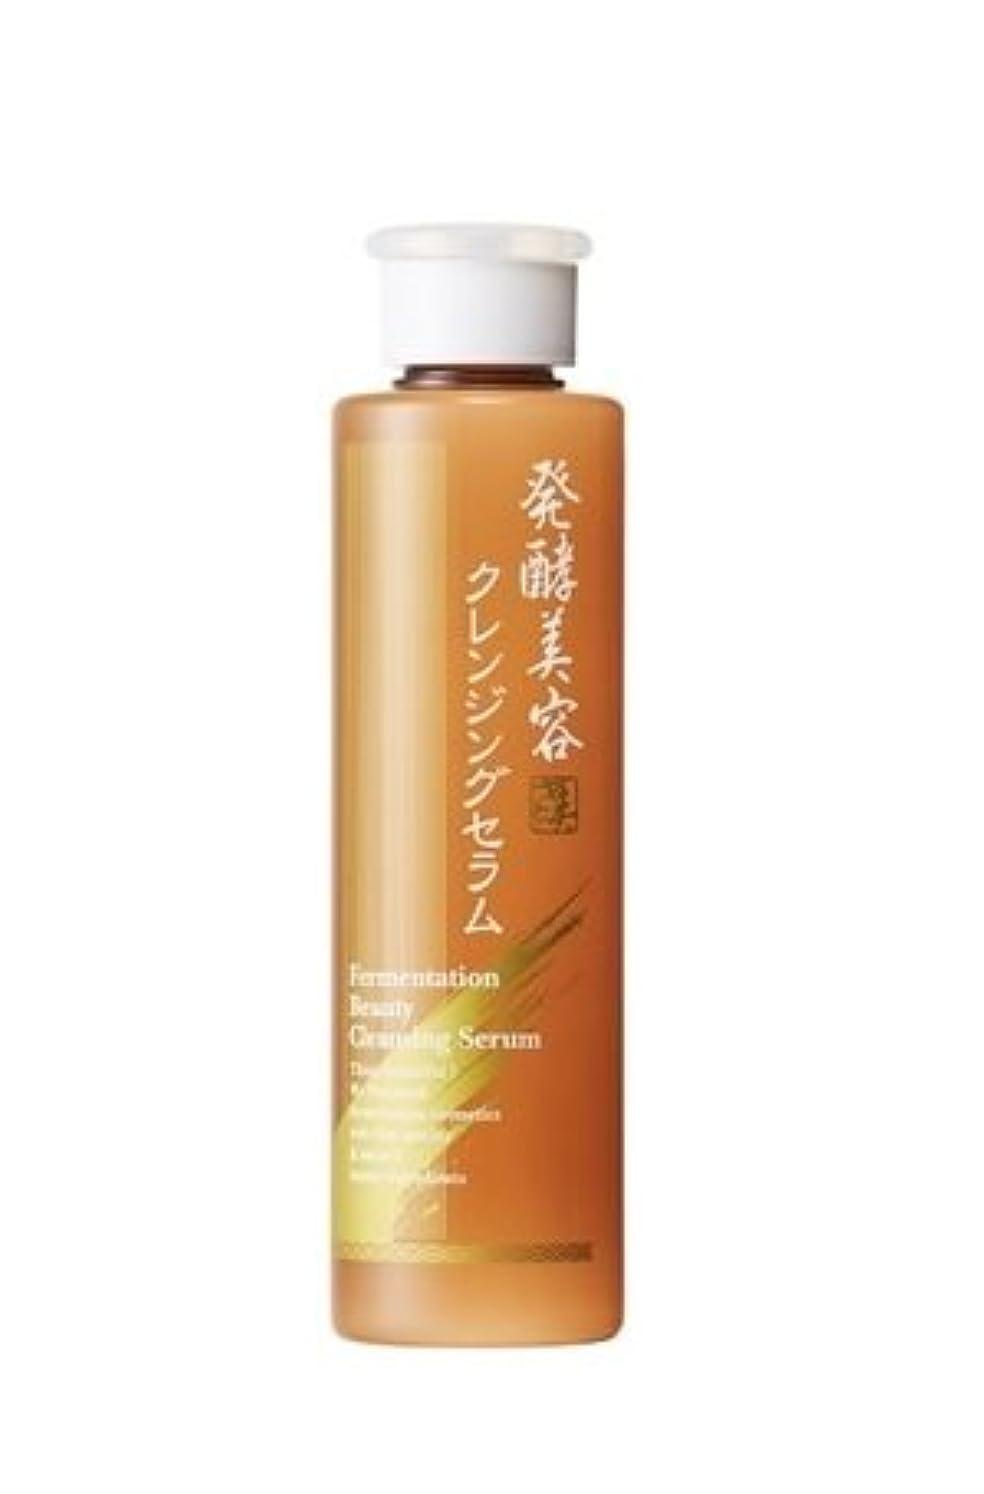 増幅実行するトランスペアレント発酵美容クレンジングセラム